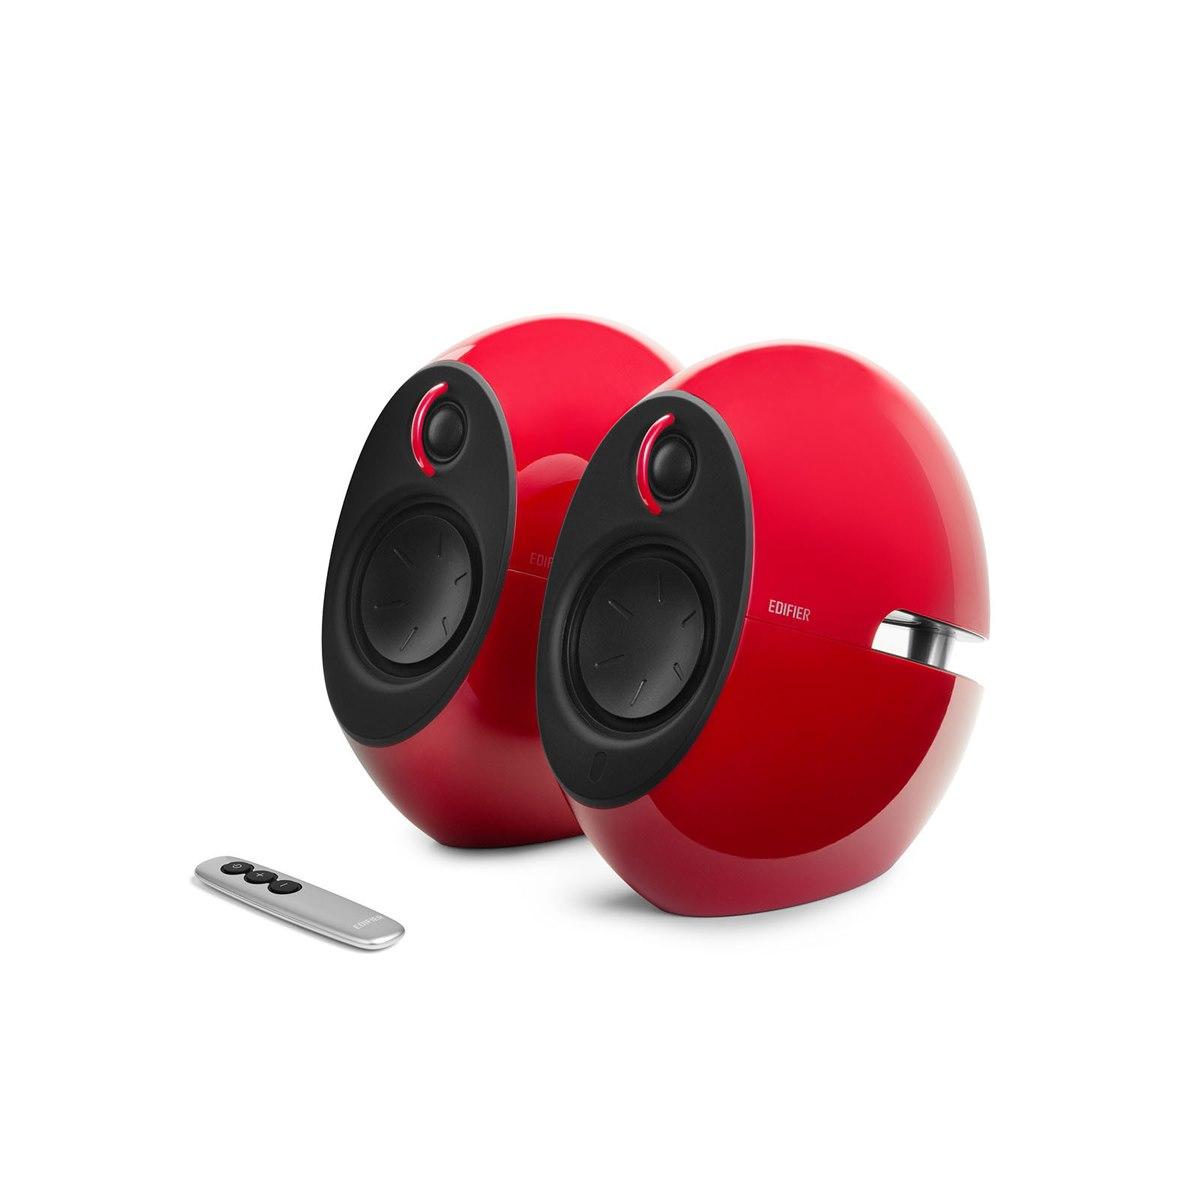 Edifier Luna HD E25hd Bluetooth Speakers W/ Optical In - Red